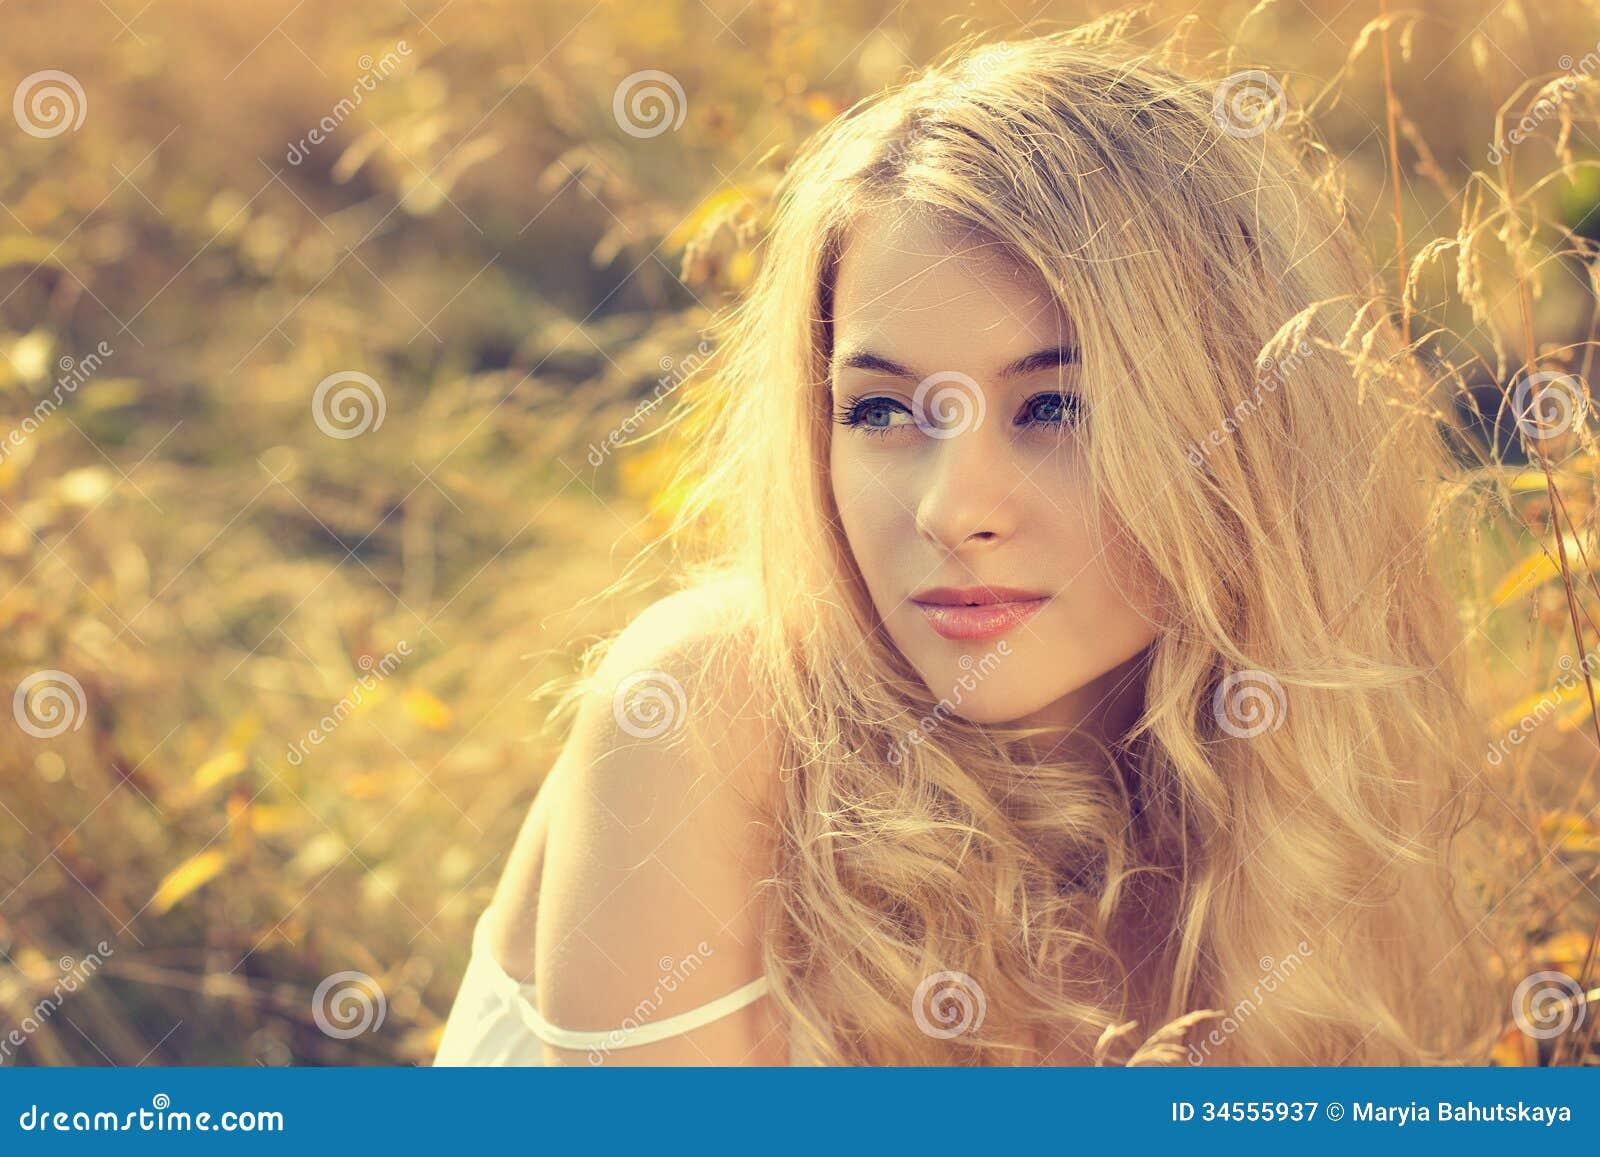 Nature Blonde 15